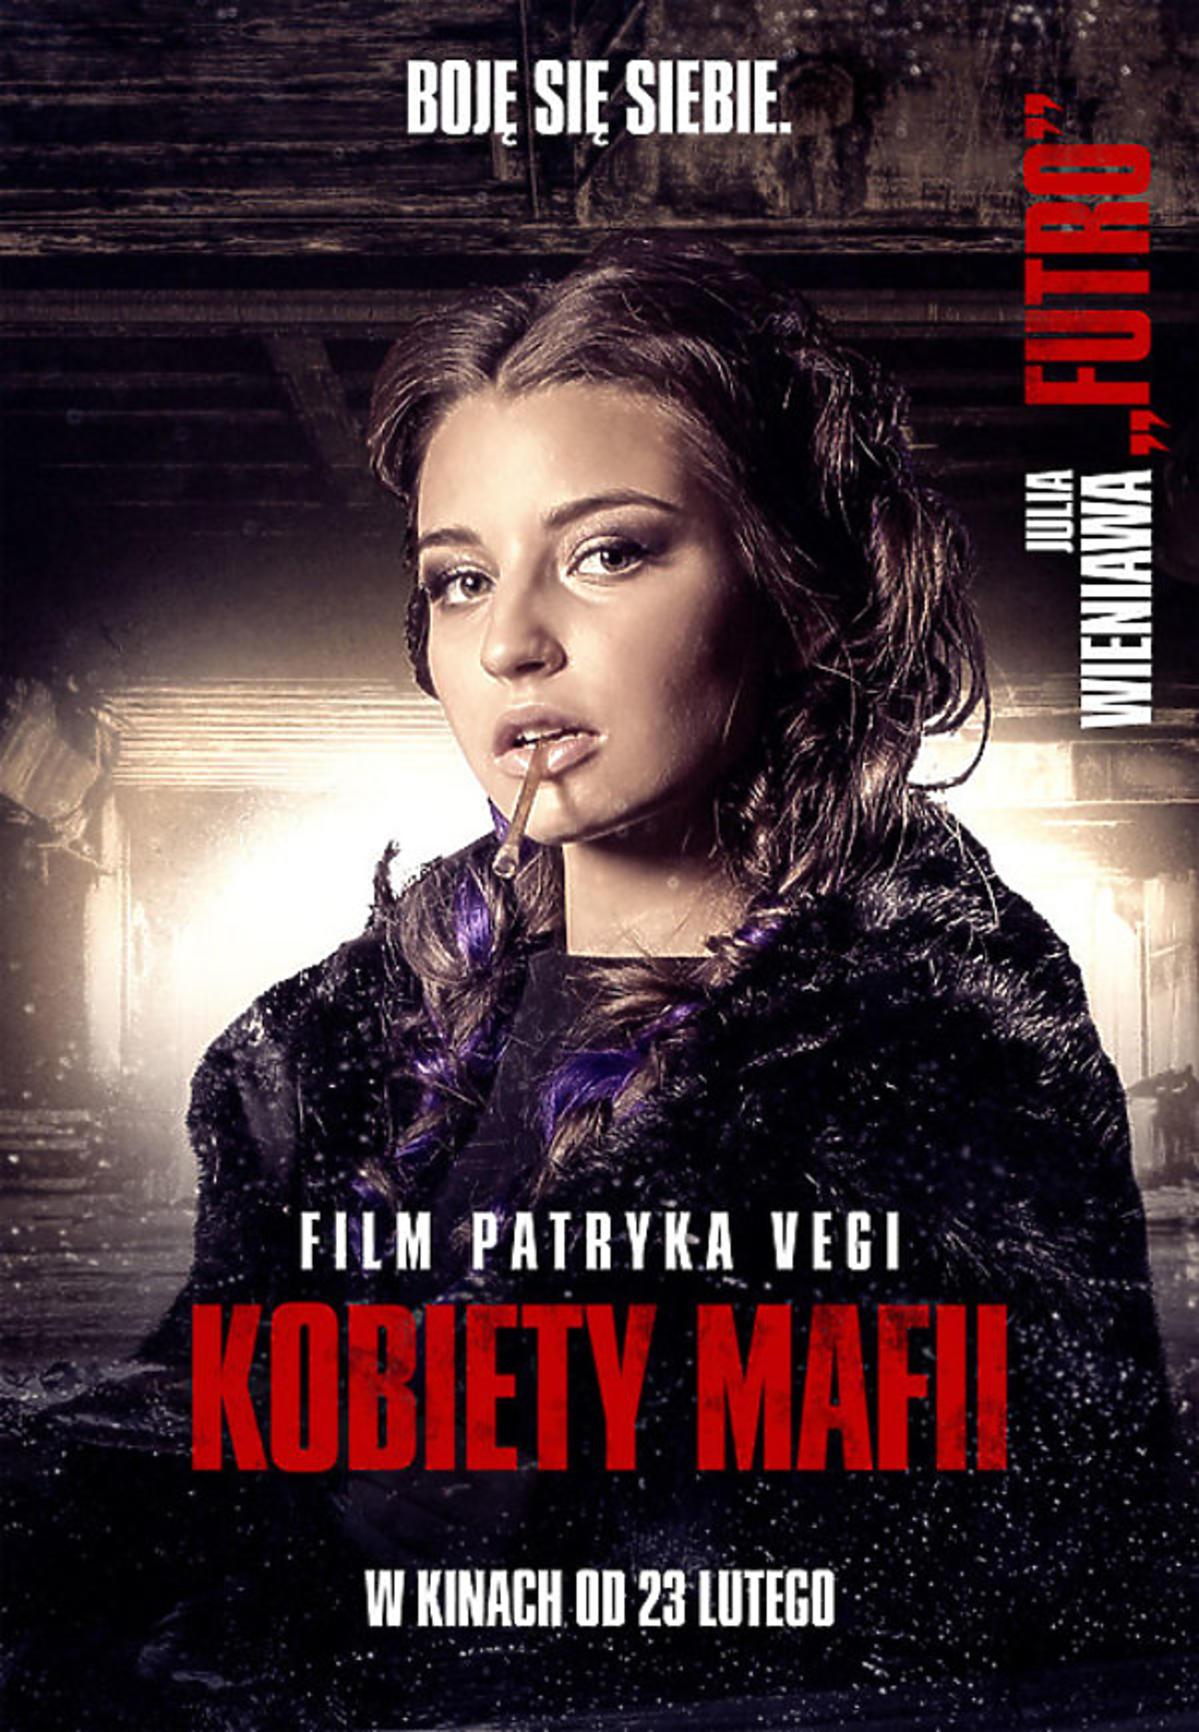 Kobiety mafii - Julia Wieniawa na plakacie